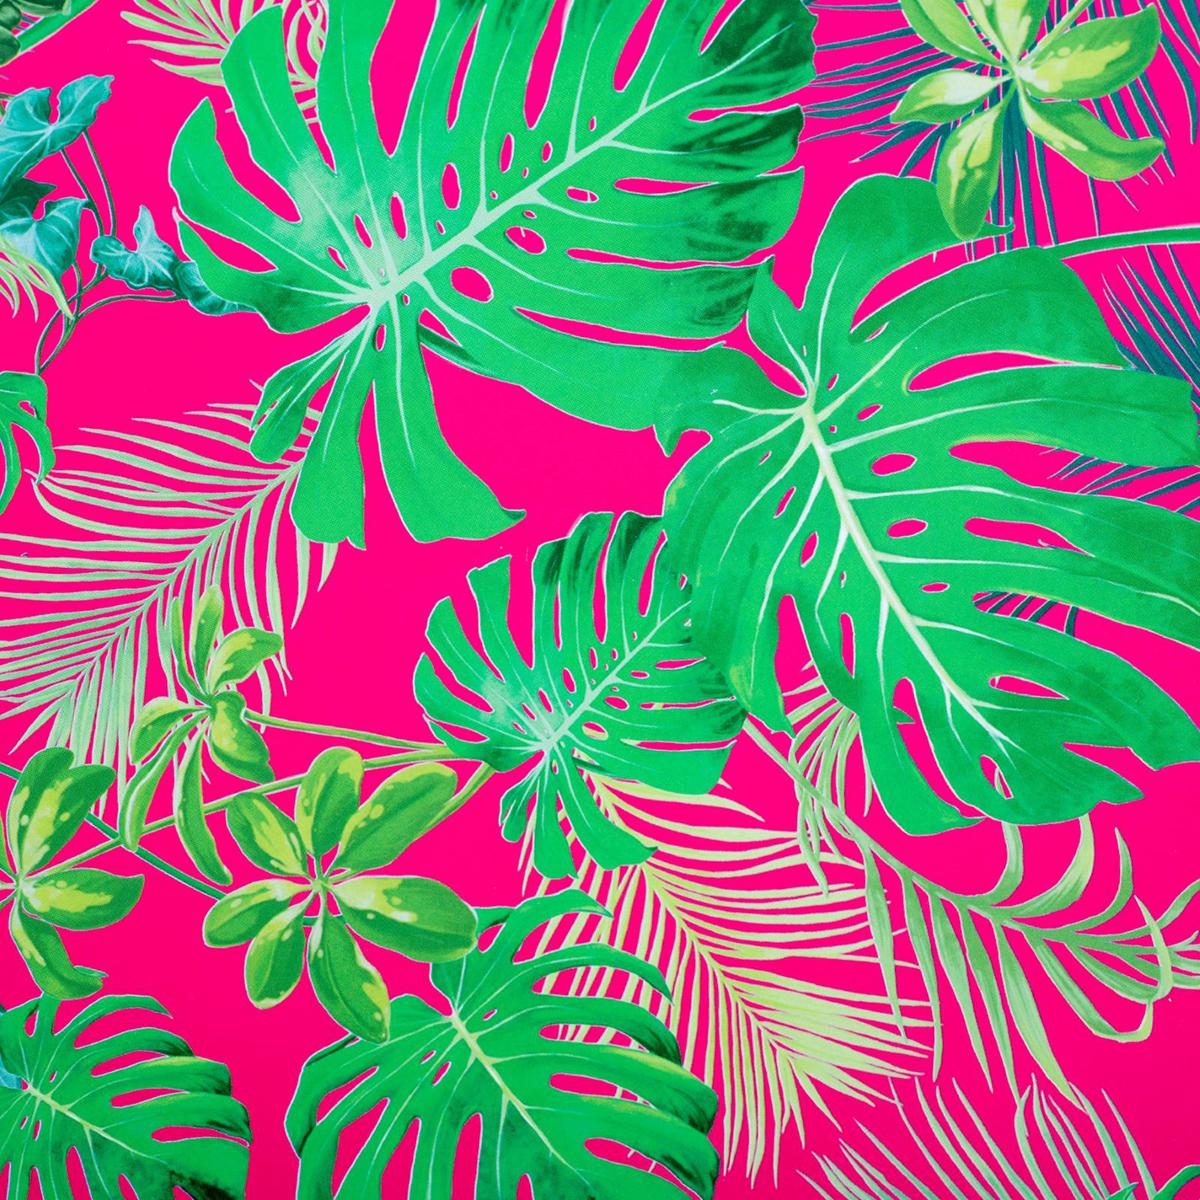 Бумага упаковочная Дарите счастье Тропические пальмы, глянцевая, 70 х 100 см. 25051672505167Все мы хотим, чтобы наш подарок запомнился близкому человеку. Сделать его нарядным и праздничным призвана упаковка. А как насчёт того, чтобы самостоятельно оформить презент? Для этого вам понадобится упаковочная бумага, красивая лента и двусторонний скотч. Если вы не знаете, как лучше упаковать подарок с помощью бумаги — смотрите инструкцию!